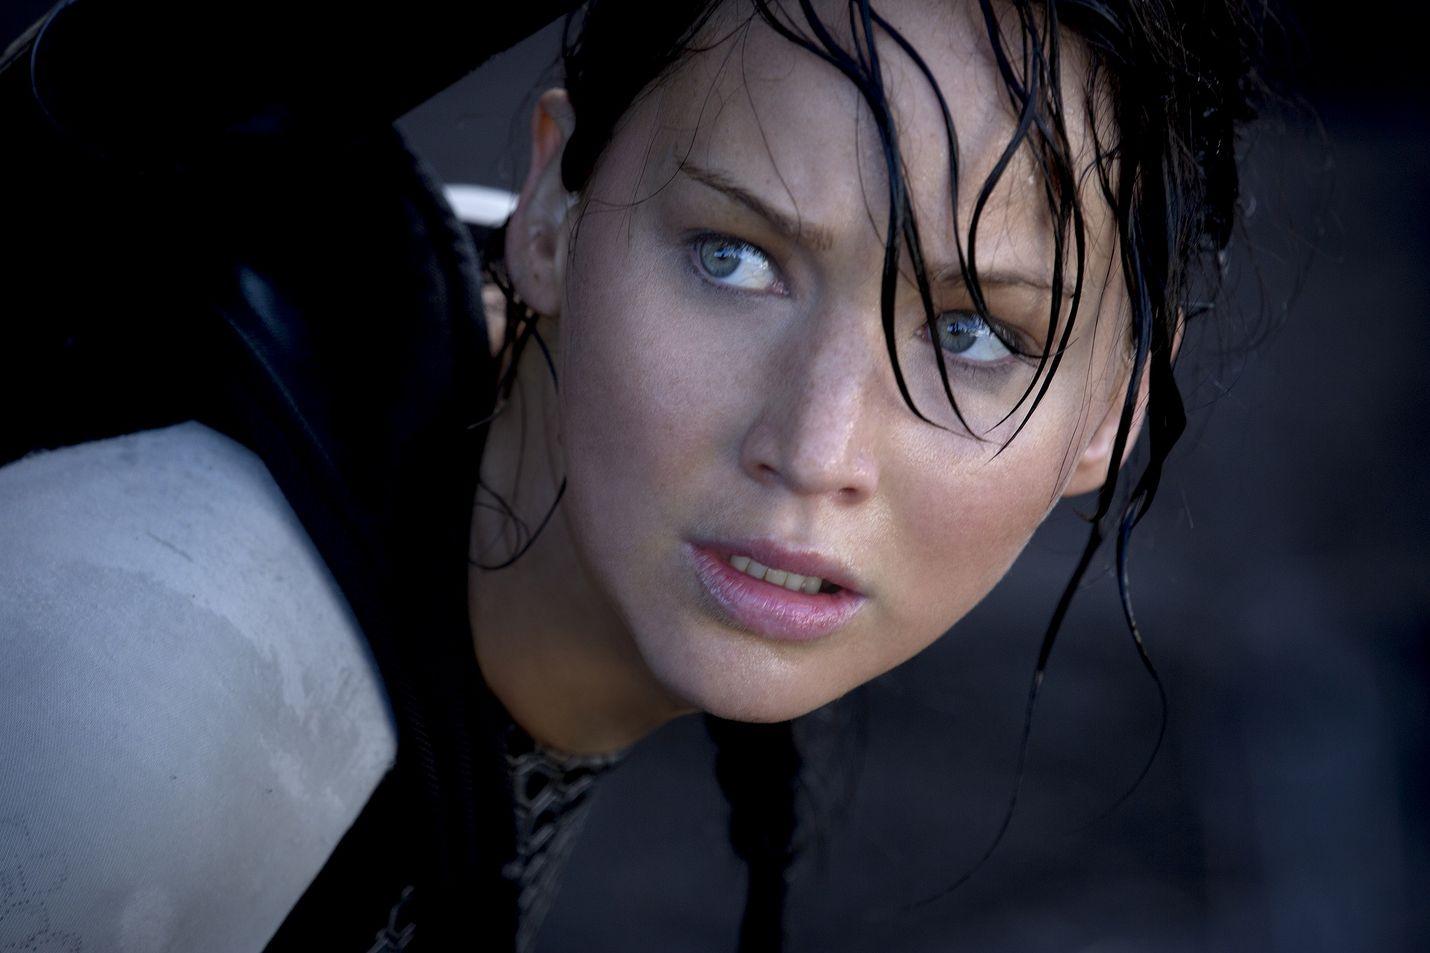 Nälkäpeli-elokuvasarjan toisessa osassa Jennifer Lawrence esittää Katniss Everdeenia.